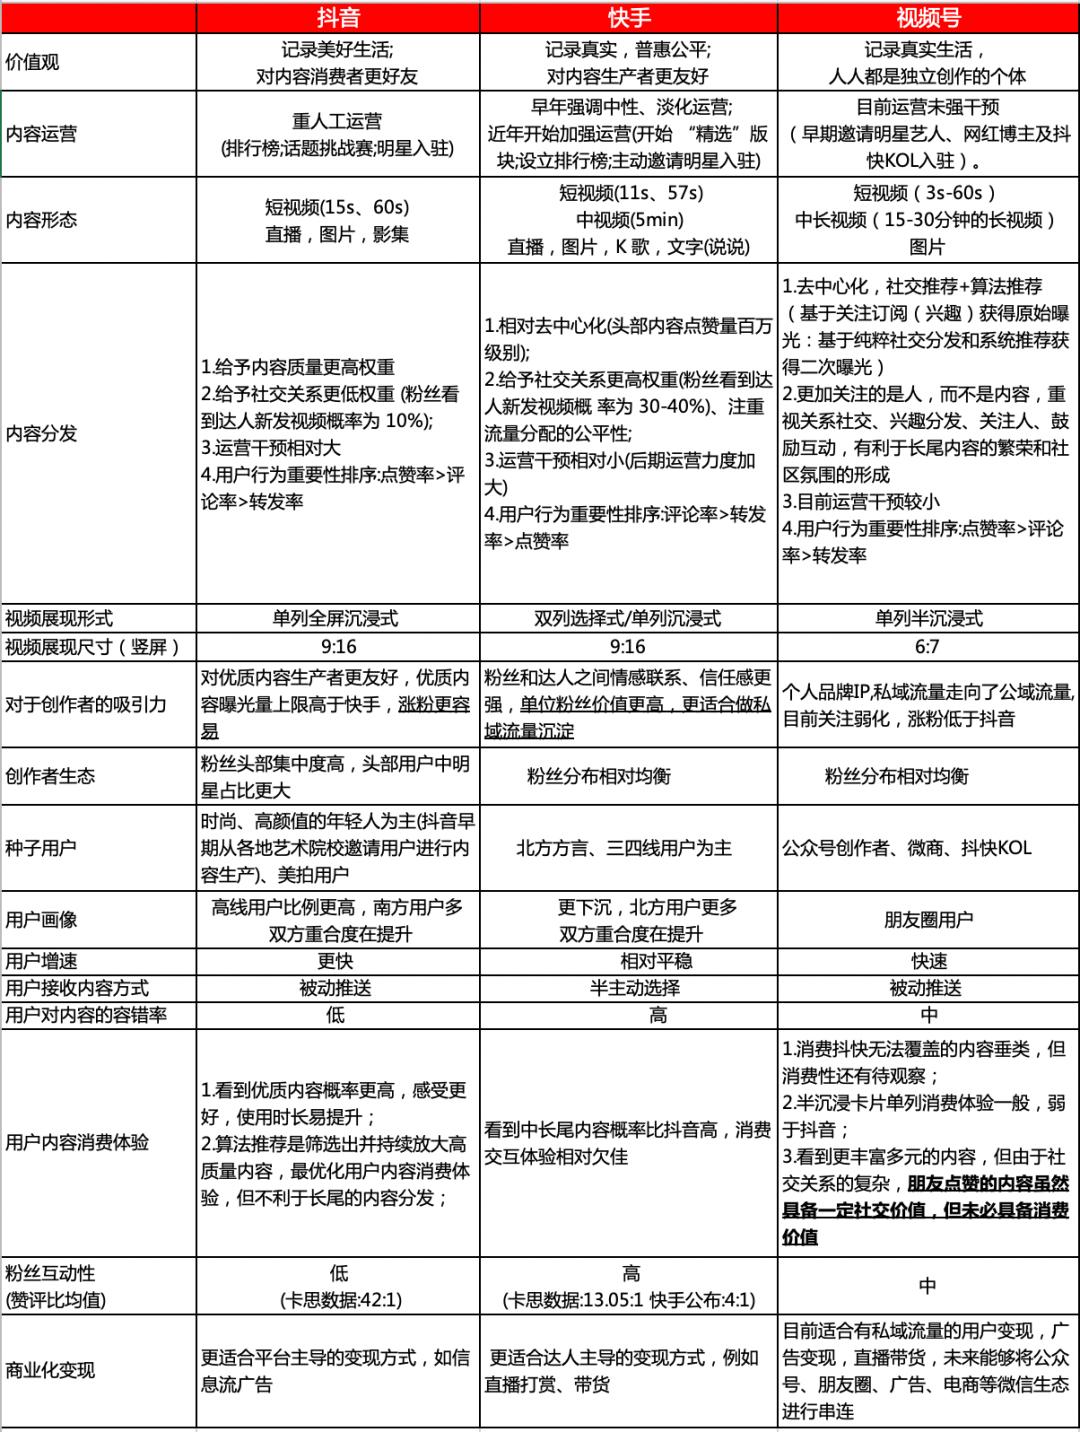 13000字,谈谈我对<a href='https://www.zhouxiaohui.cn'><a href='https://www.zhouxiaohui.cn/duanshipin/'>视频号</a></a>的思考-第7张图片-周小辉博客